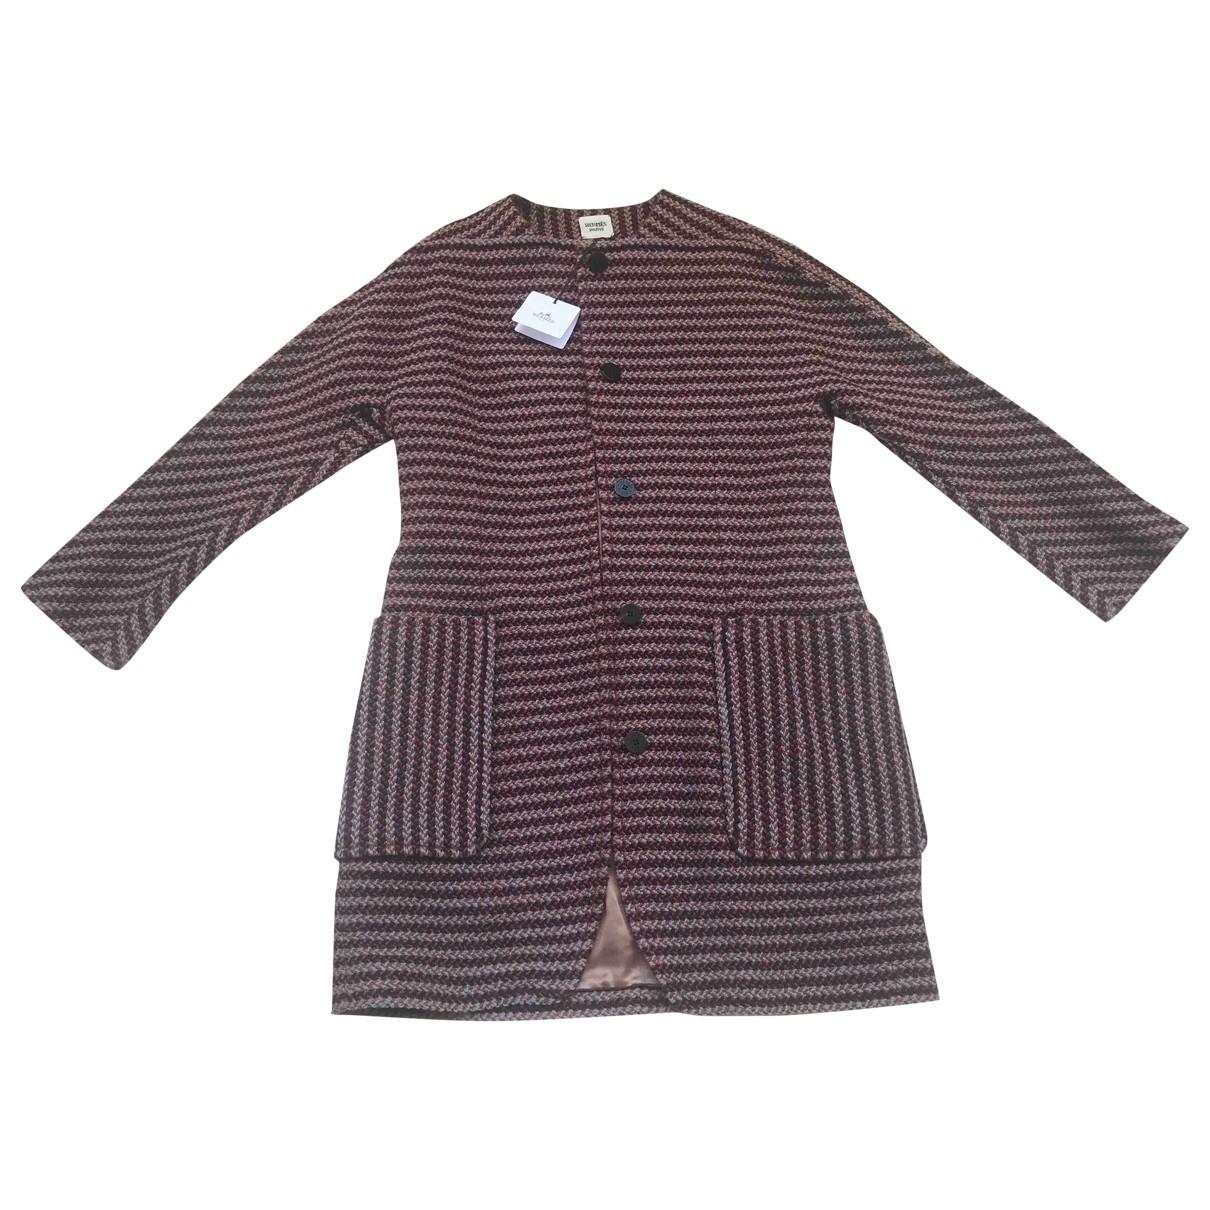 Hermes - Pull   pour femme en laine - bordeaux